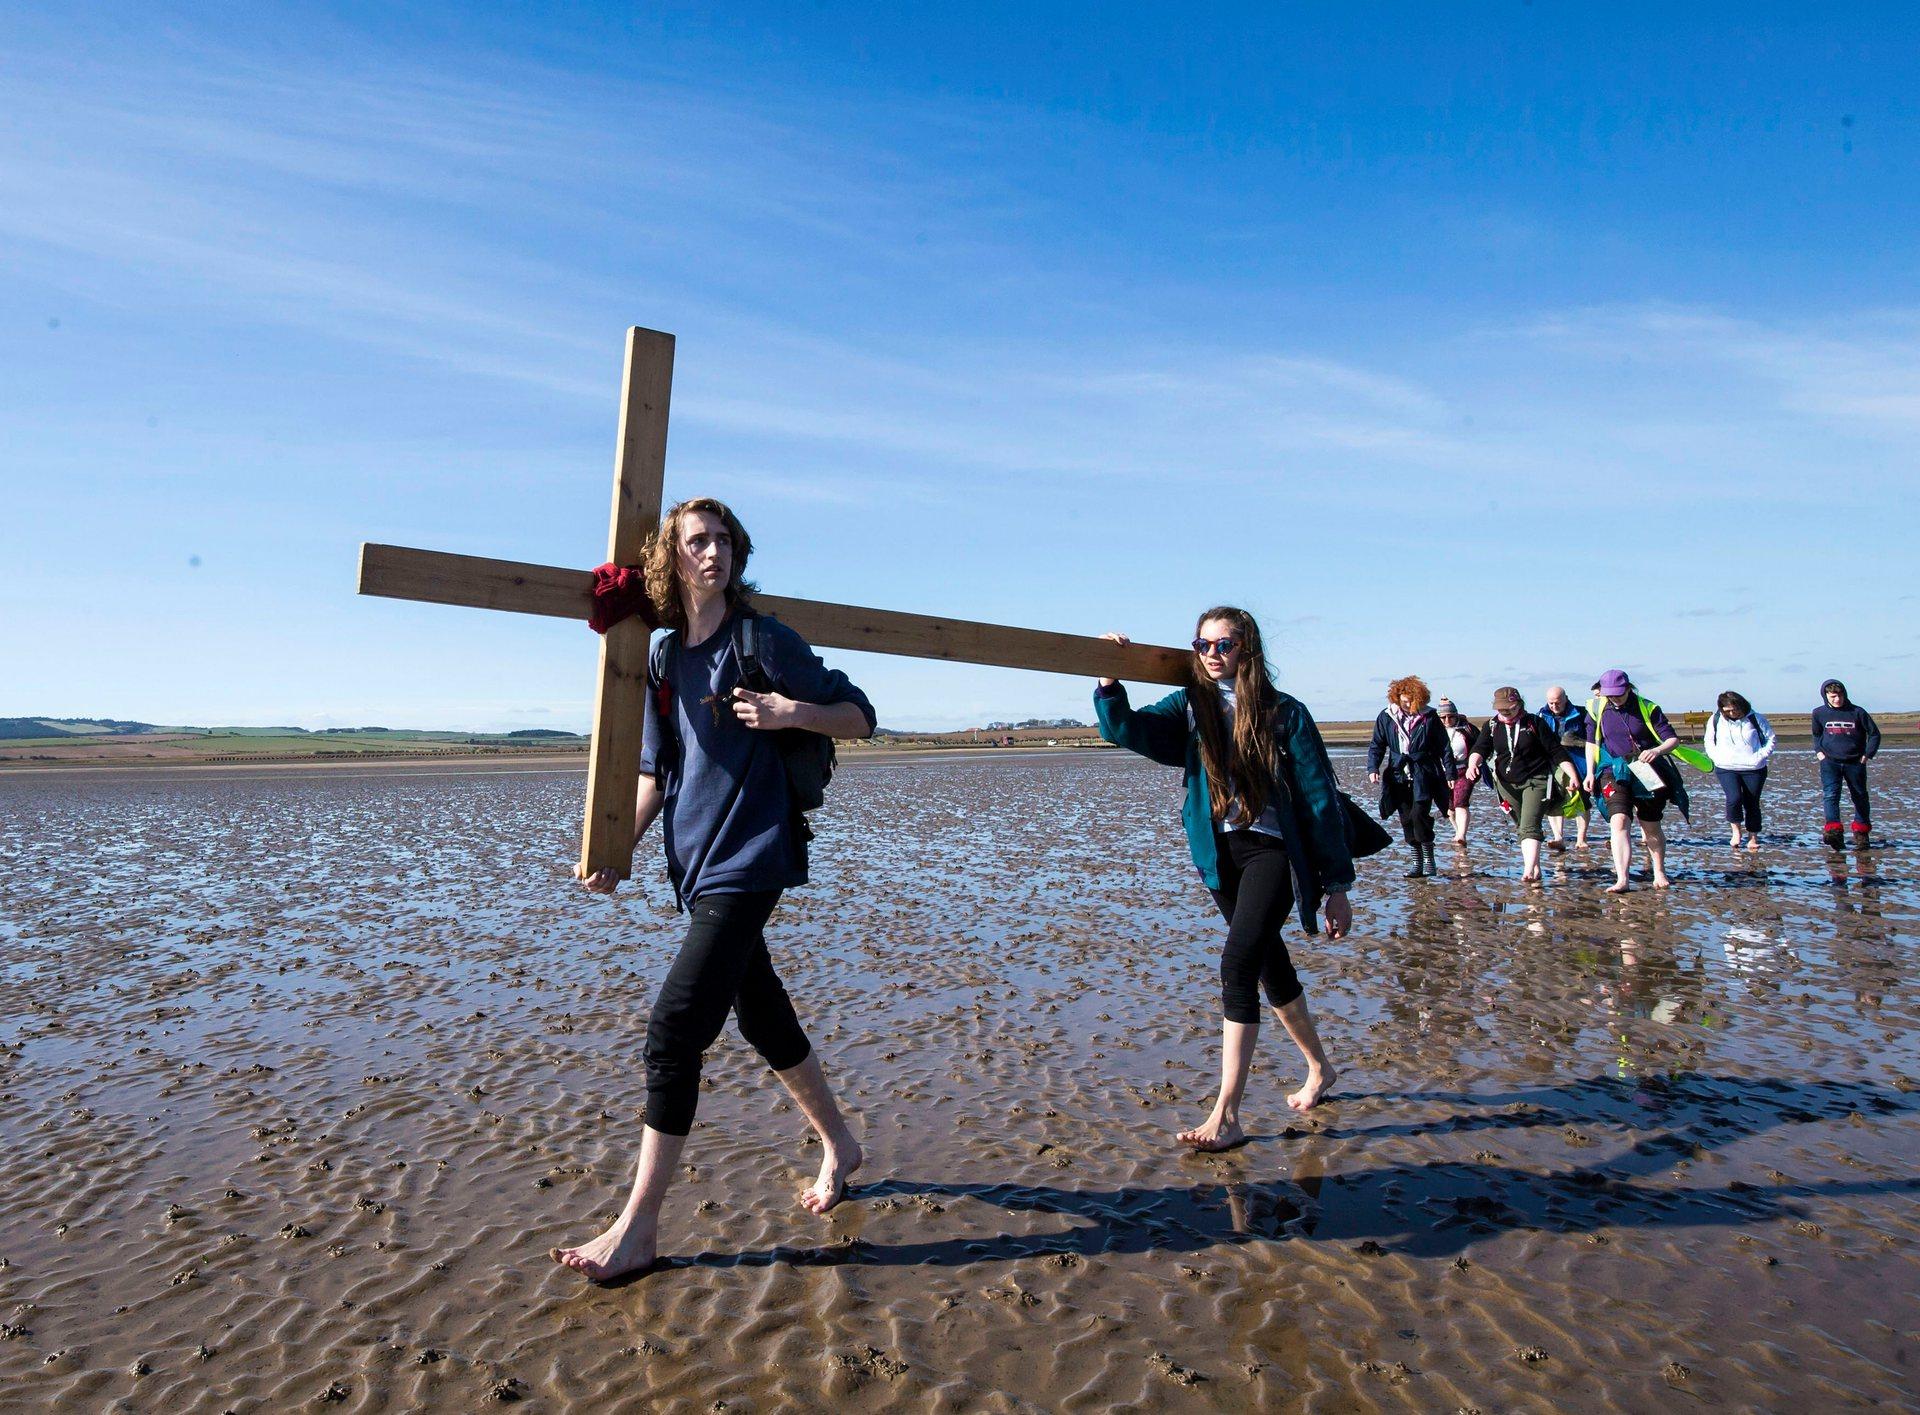 Беруик-ъпон-Туид, UK Повече от 35 години групи поклонници ходят заедно от различни места в северната част на Англия и Шотландия до свещения остров Линдисфарн. Снимка: Дани Лоусън / PA